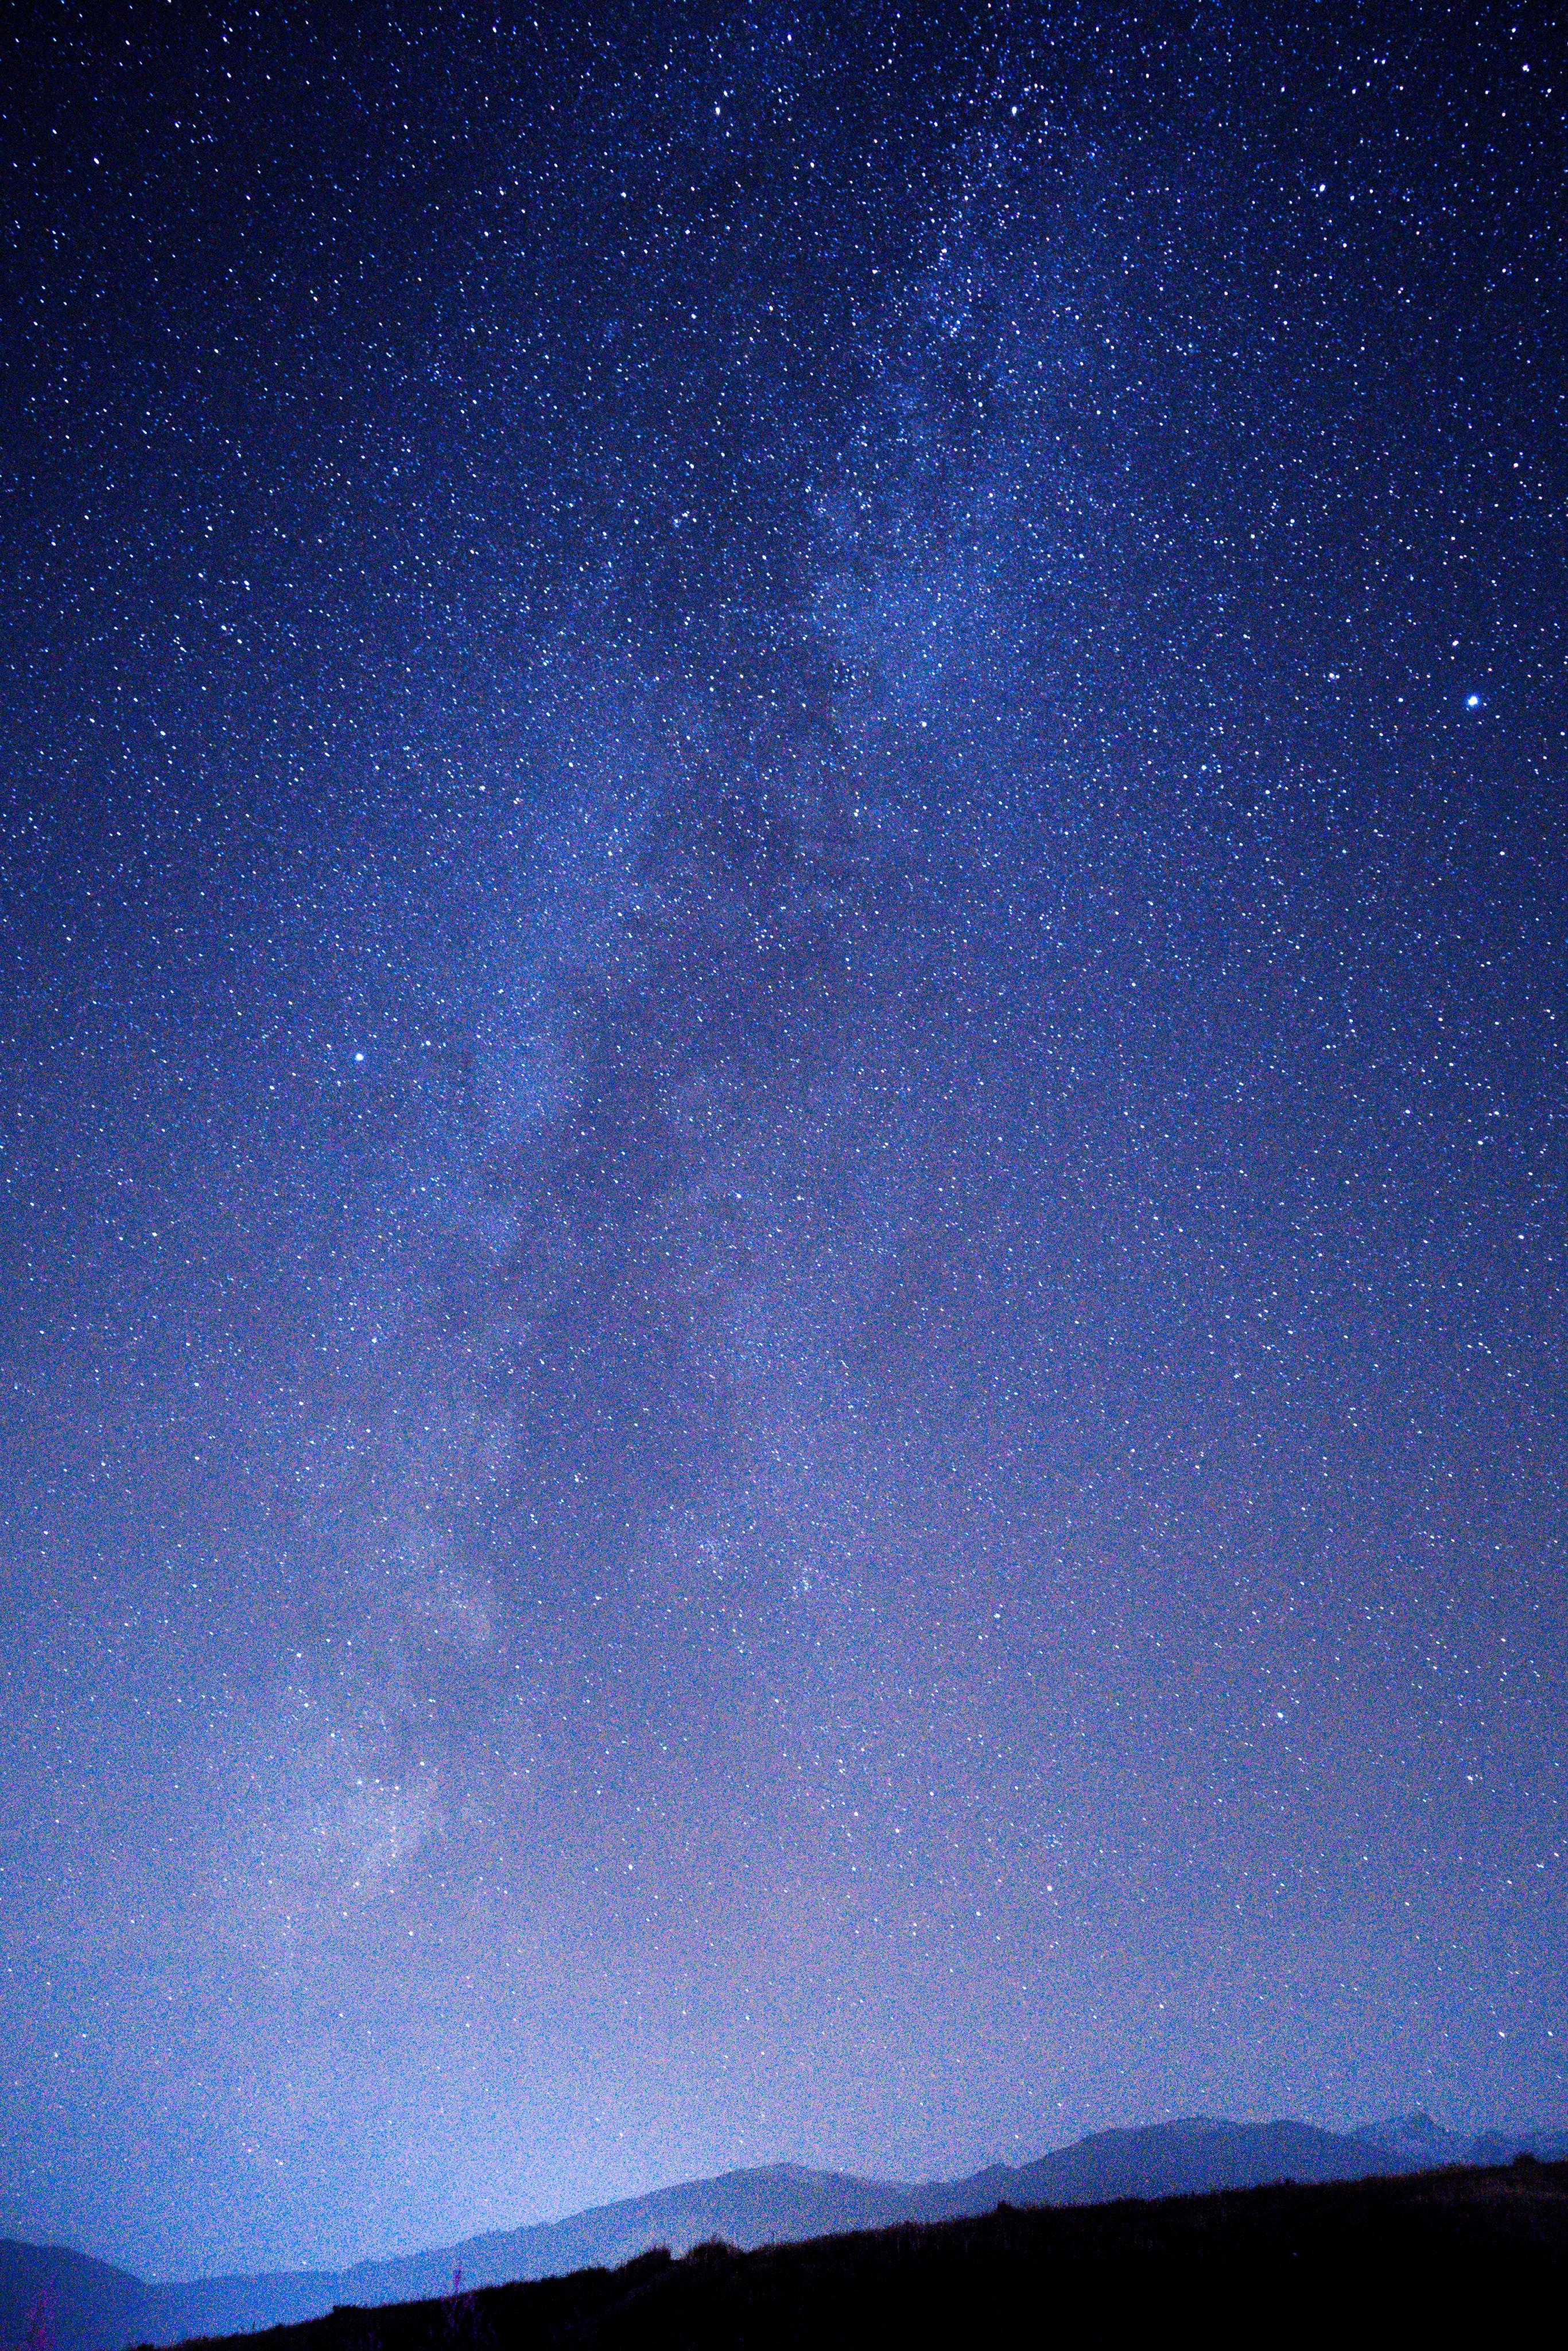 144477 скачать обои Темные, Туманность, Ночь, Звездное Небо, Горы, Звезды - заставки и картинки бесплатно